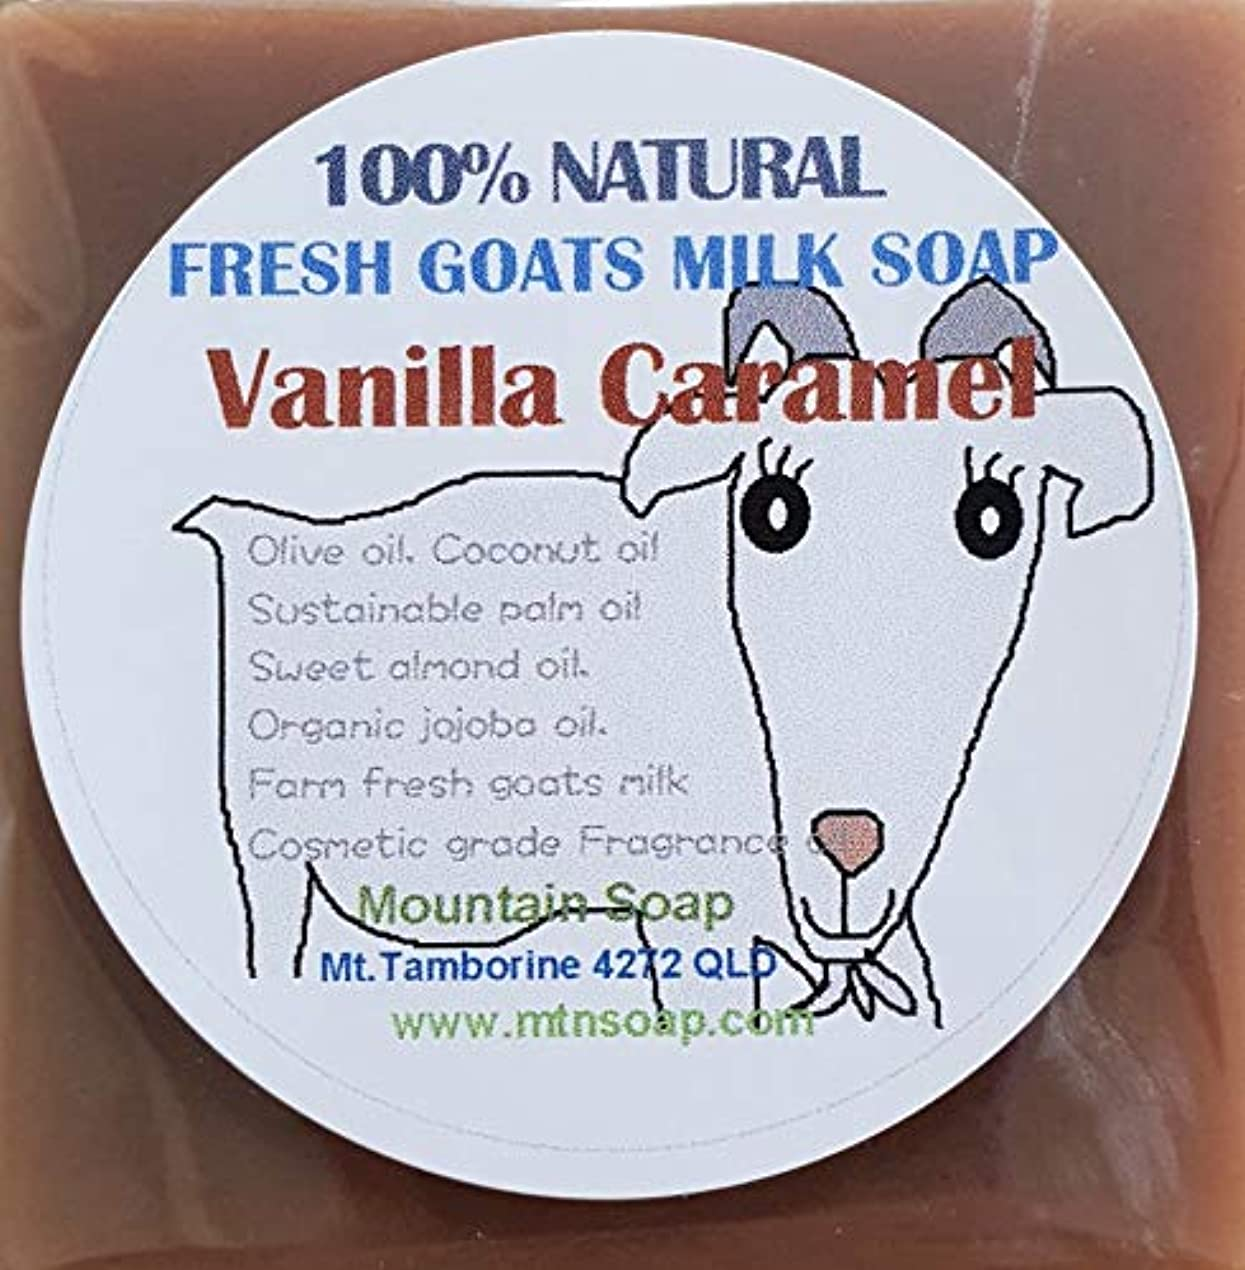 【Mountain Soap】農場直送絞りたてゴートミルク生乳使用 ゴートミルク石鹸 バニラキャラメル